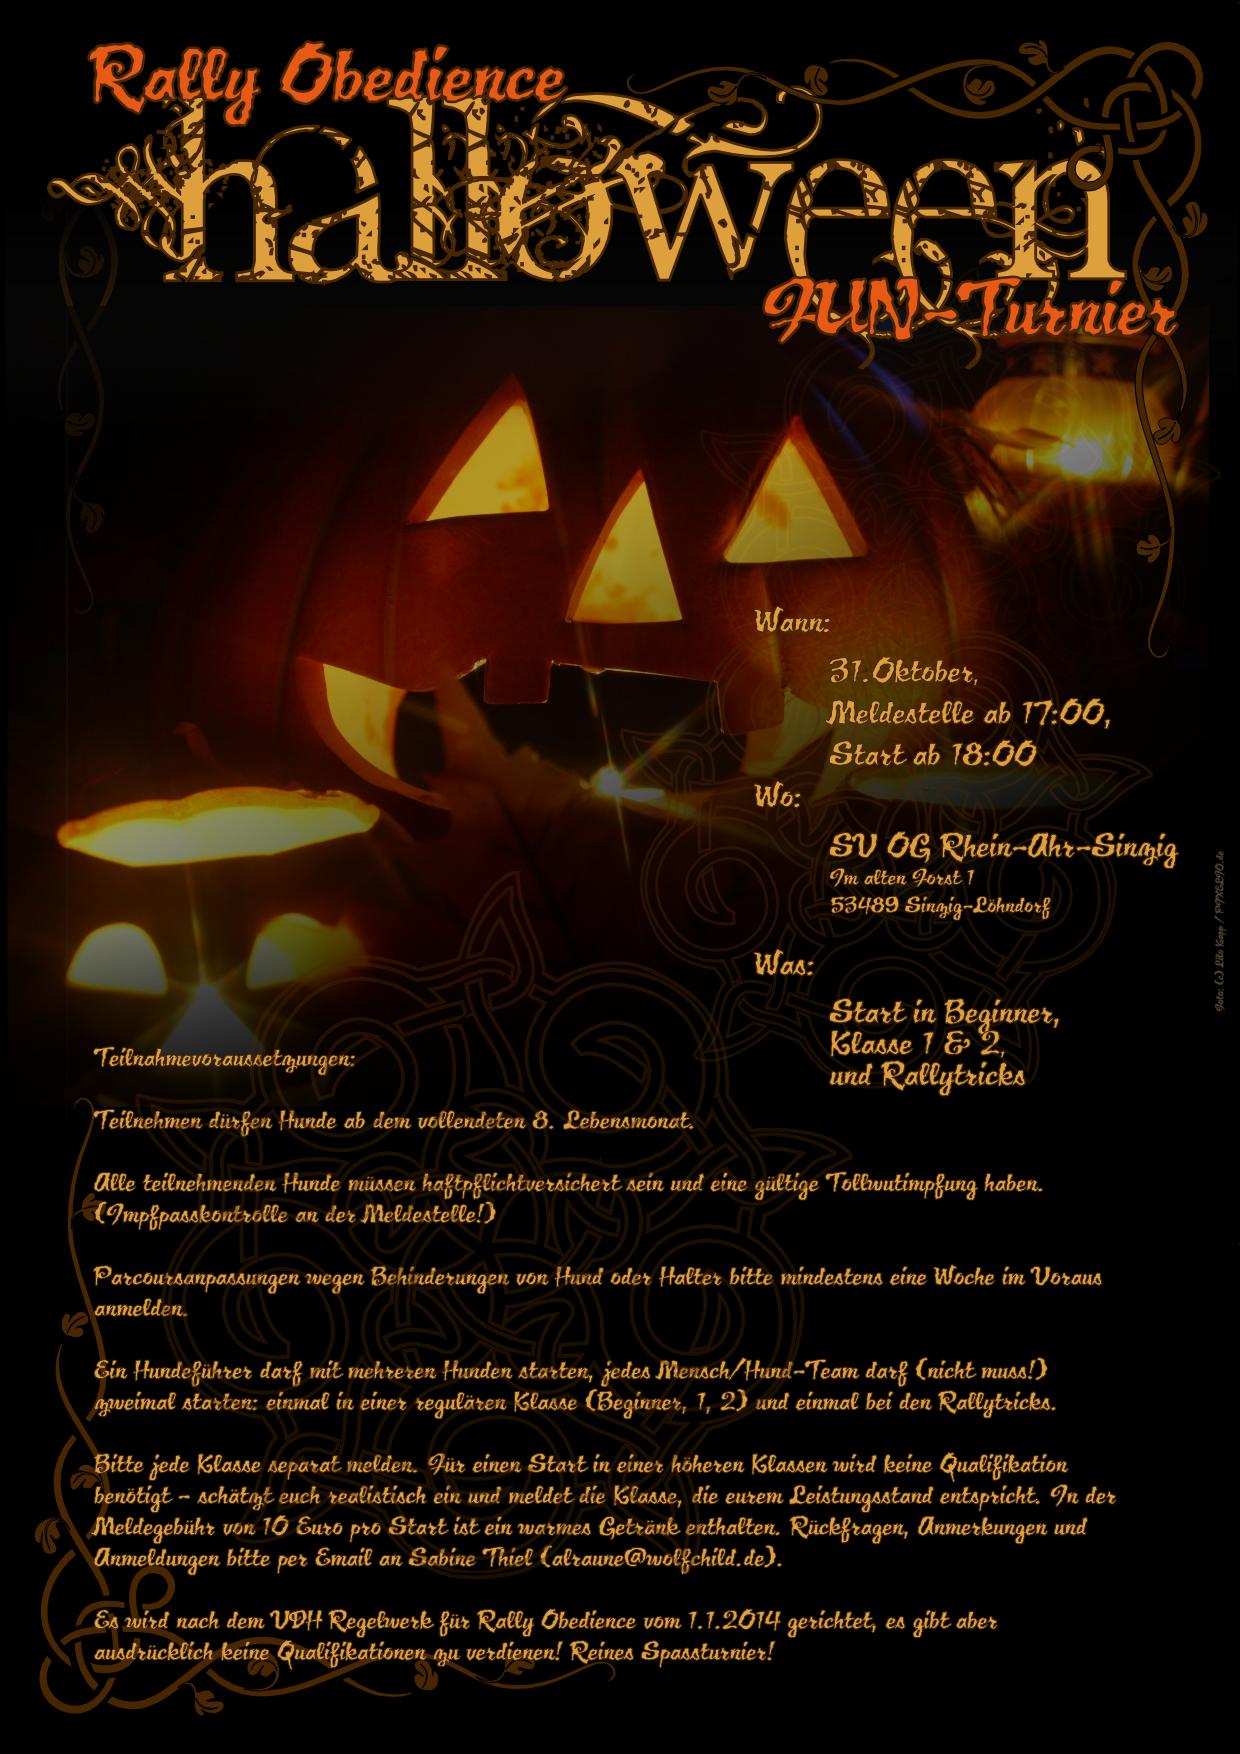 Rally Obedience Halloween FUN Turnier